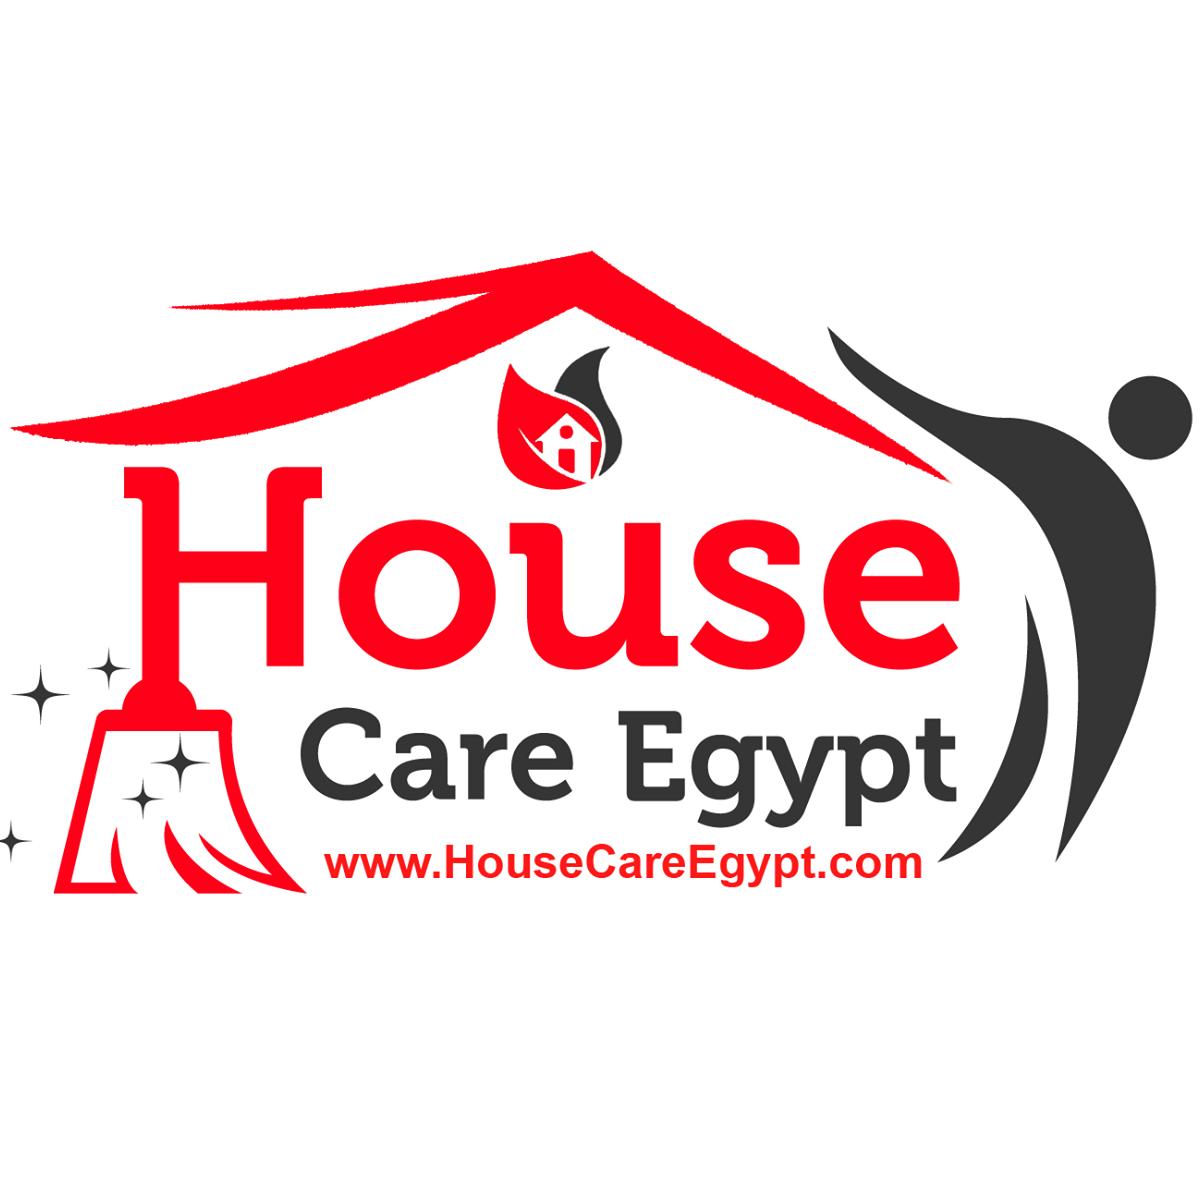 هاوس كير إيجيبت House Care Egypt